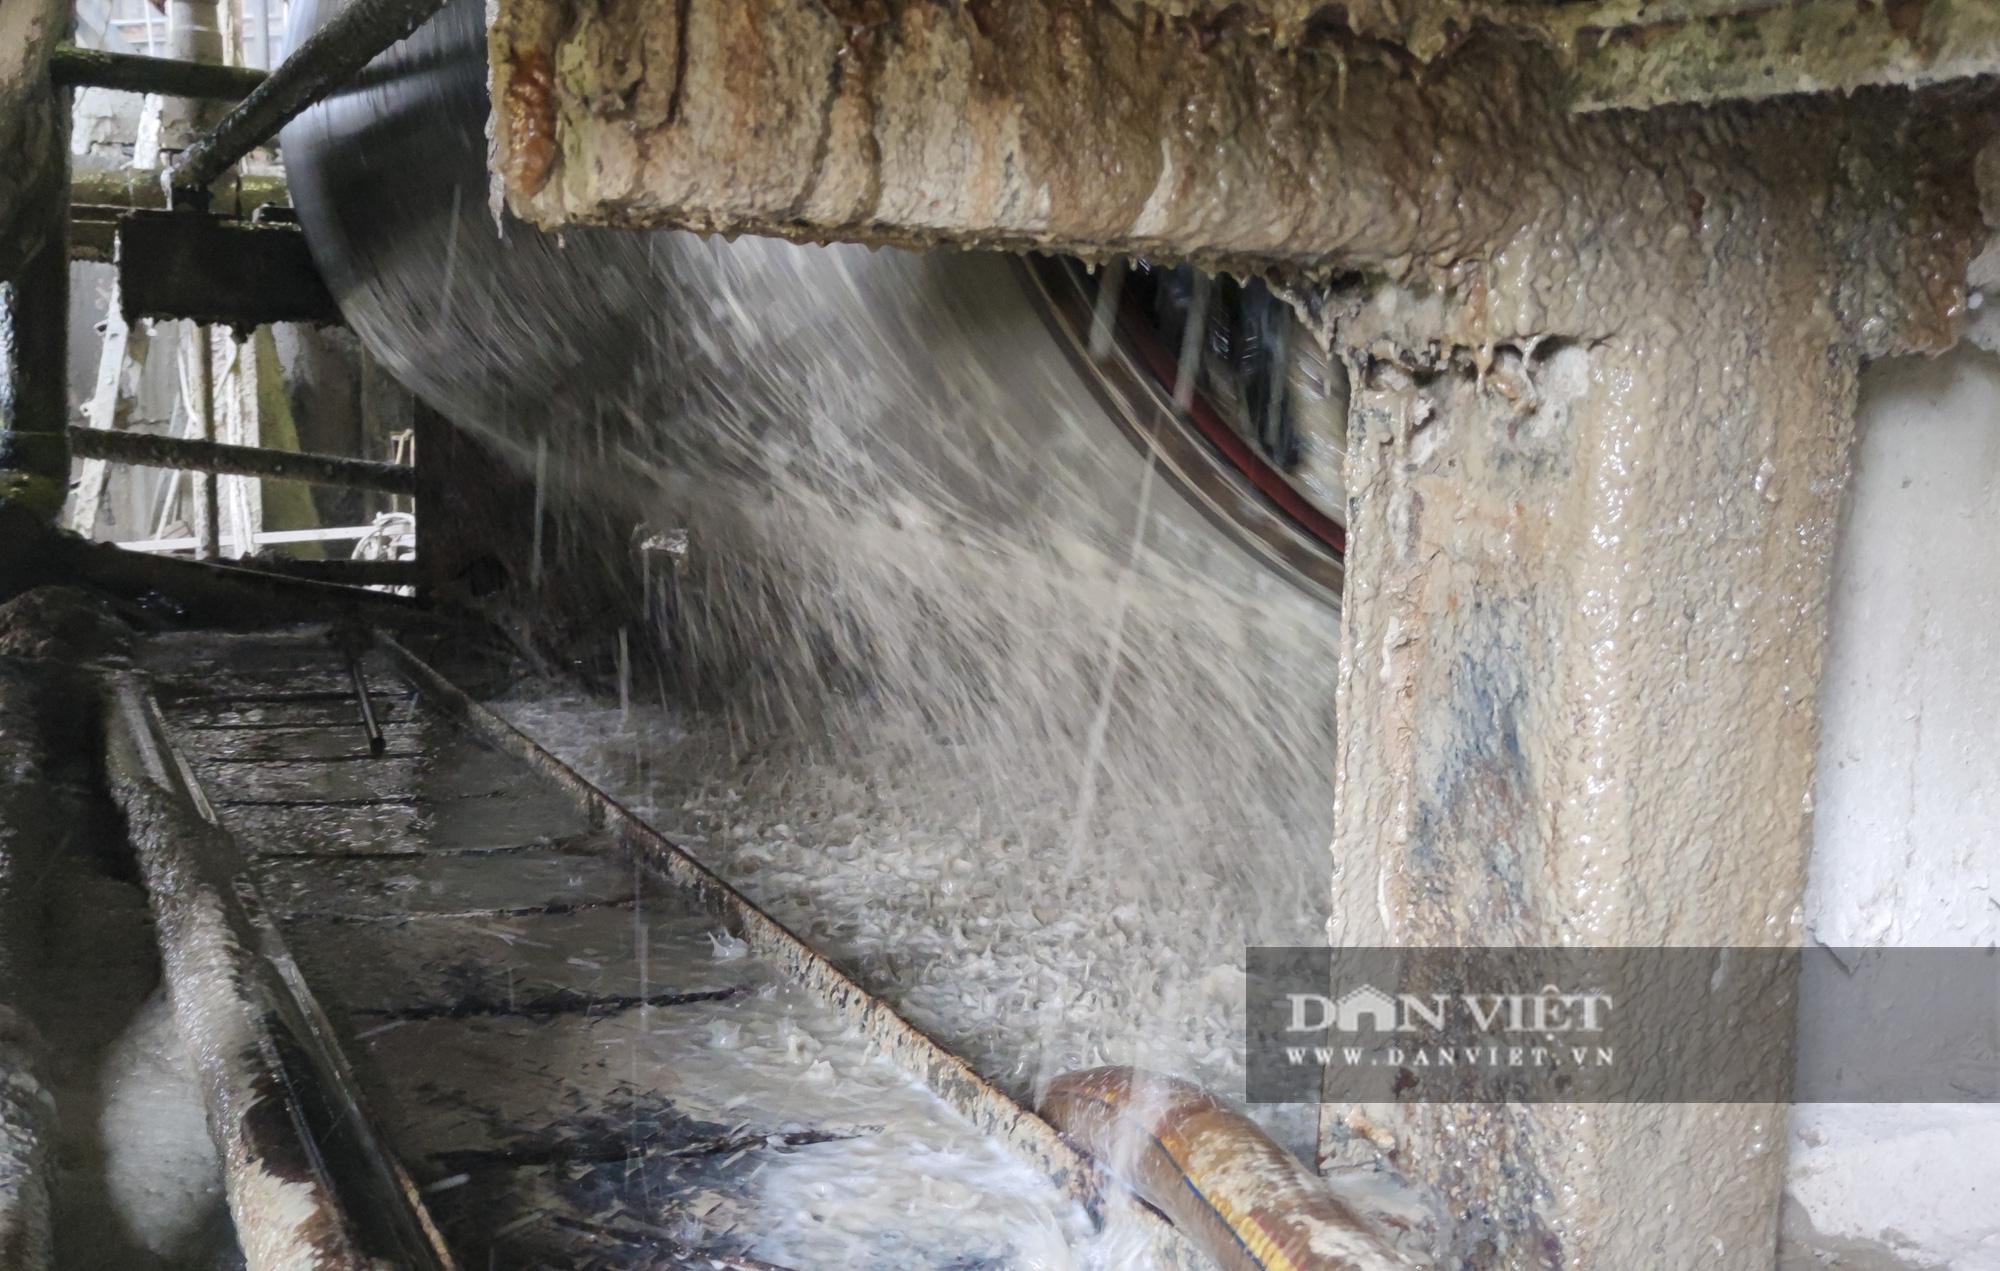 Kinh hãi bên trong nhà máy sản xuất giấy vừa bị đình chỉ ở Phong Khê - Ảnh 9.